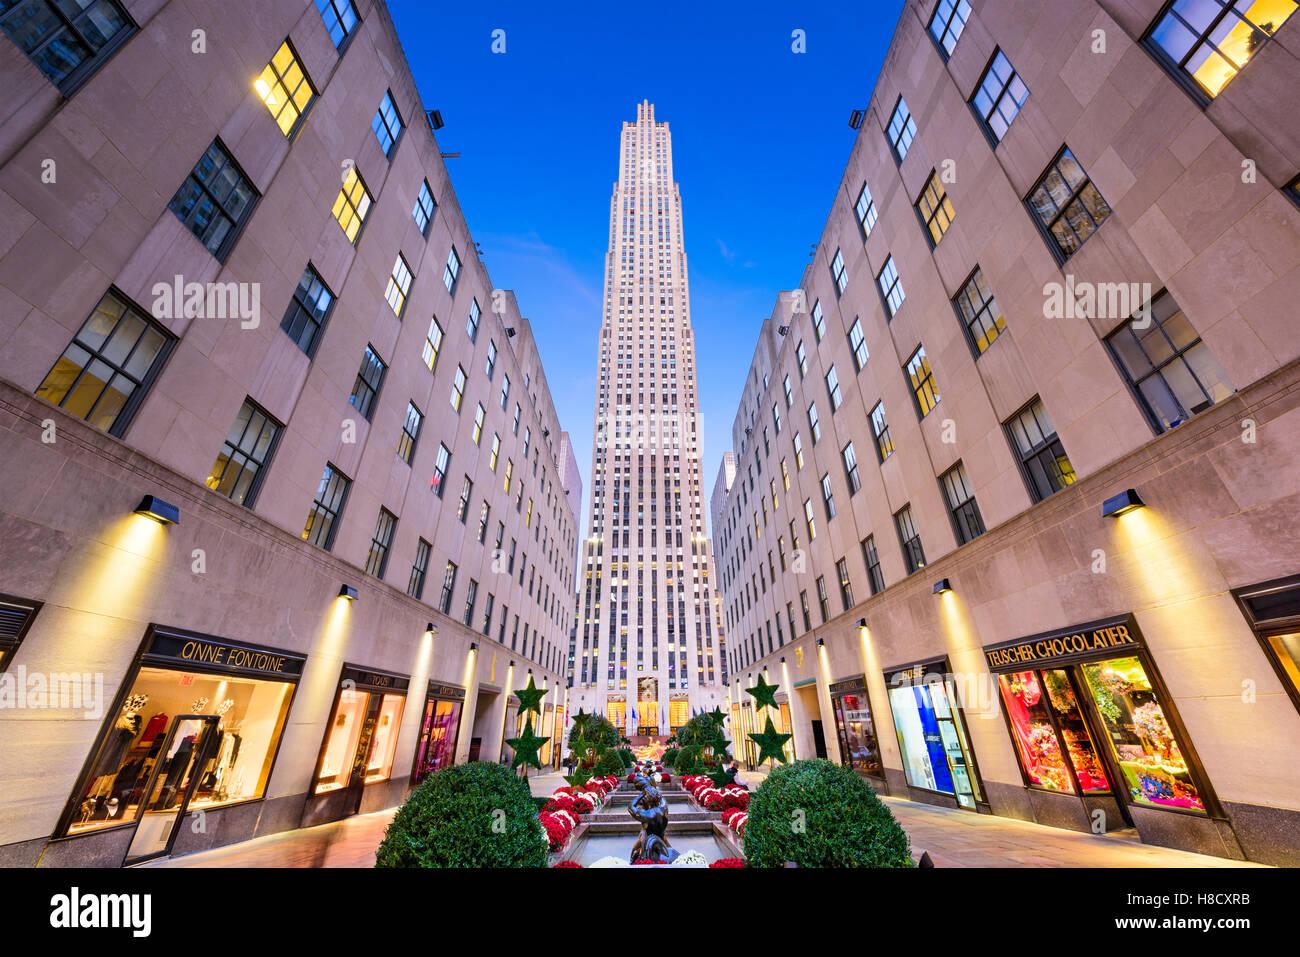 NEW YORK CITY - 2 Novembre 2016: Rockefeller Center di New York. Il punto di riferimento storico è stato completato Immagini Stock